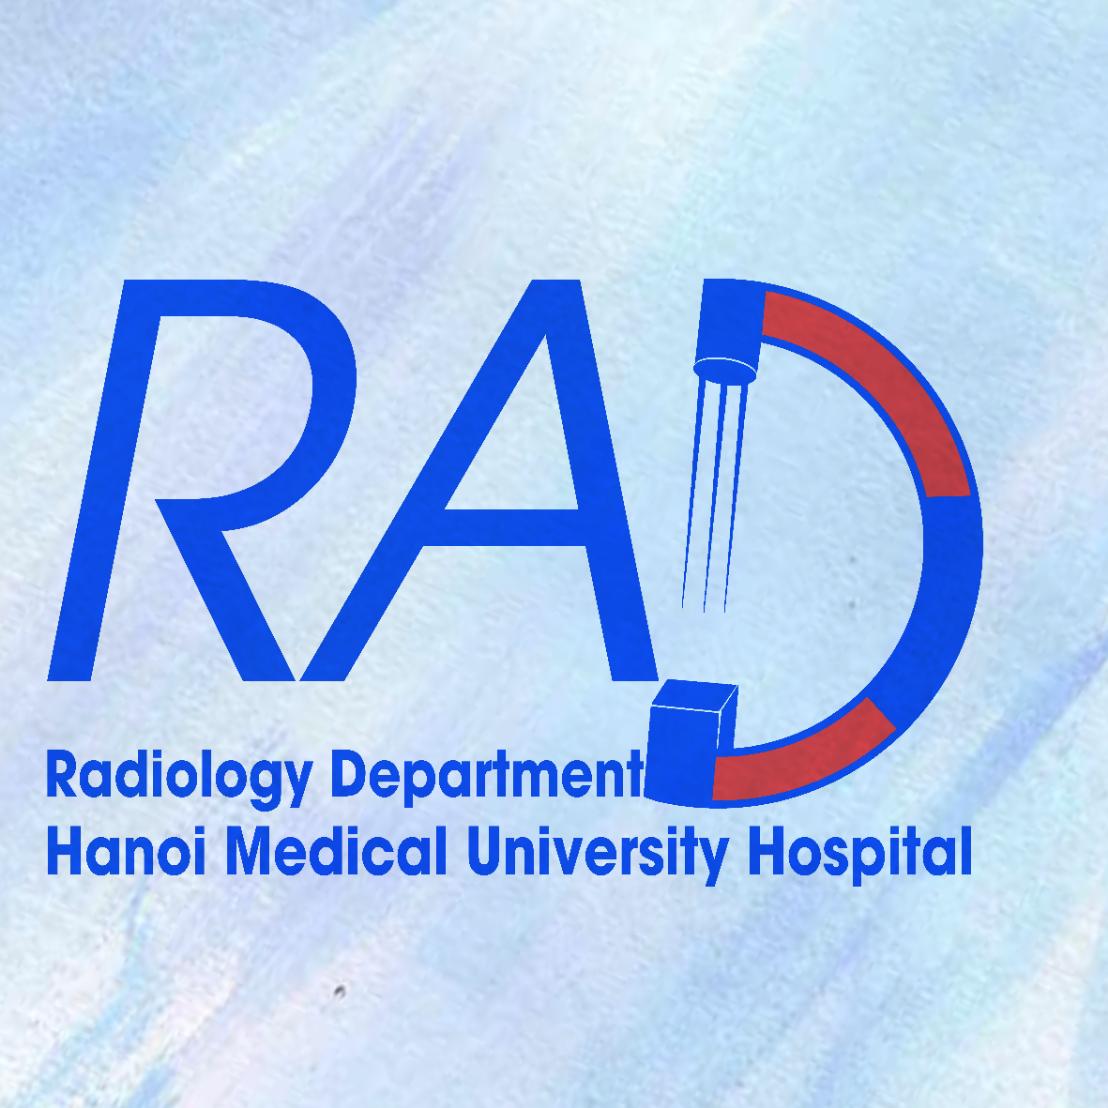 BS siêu âm các bệnh lý mật của Thạc sỹ Nguyễn Thái Bình  - Khoa CĐHA BV Đại Học Y Hà Nội.